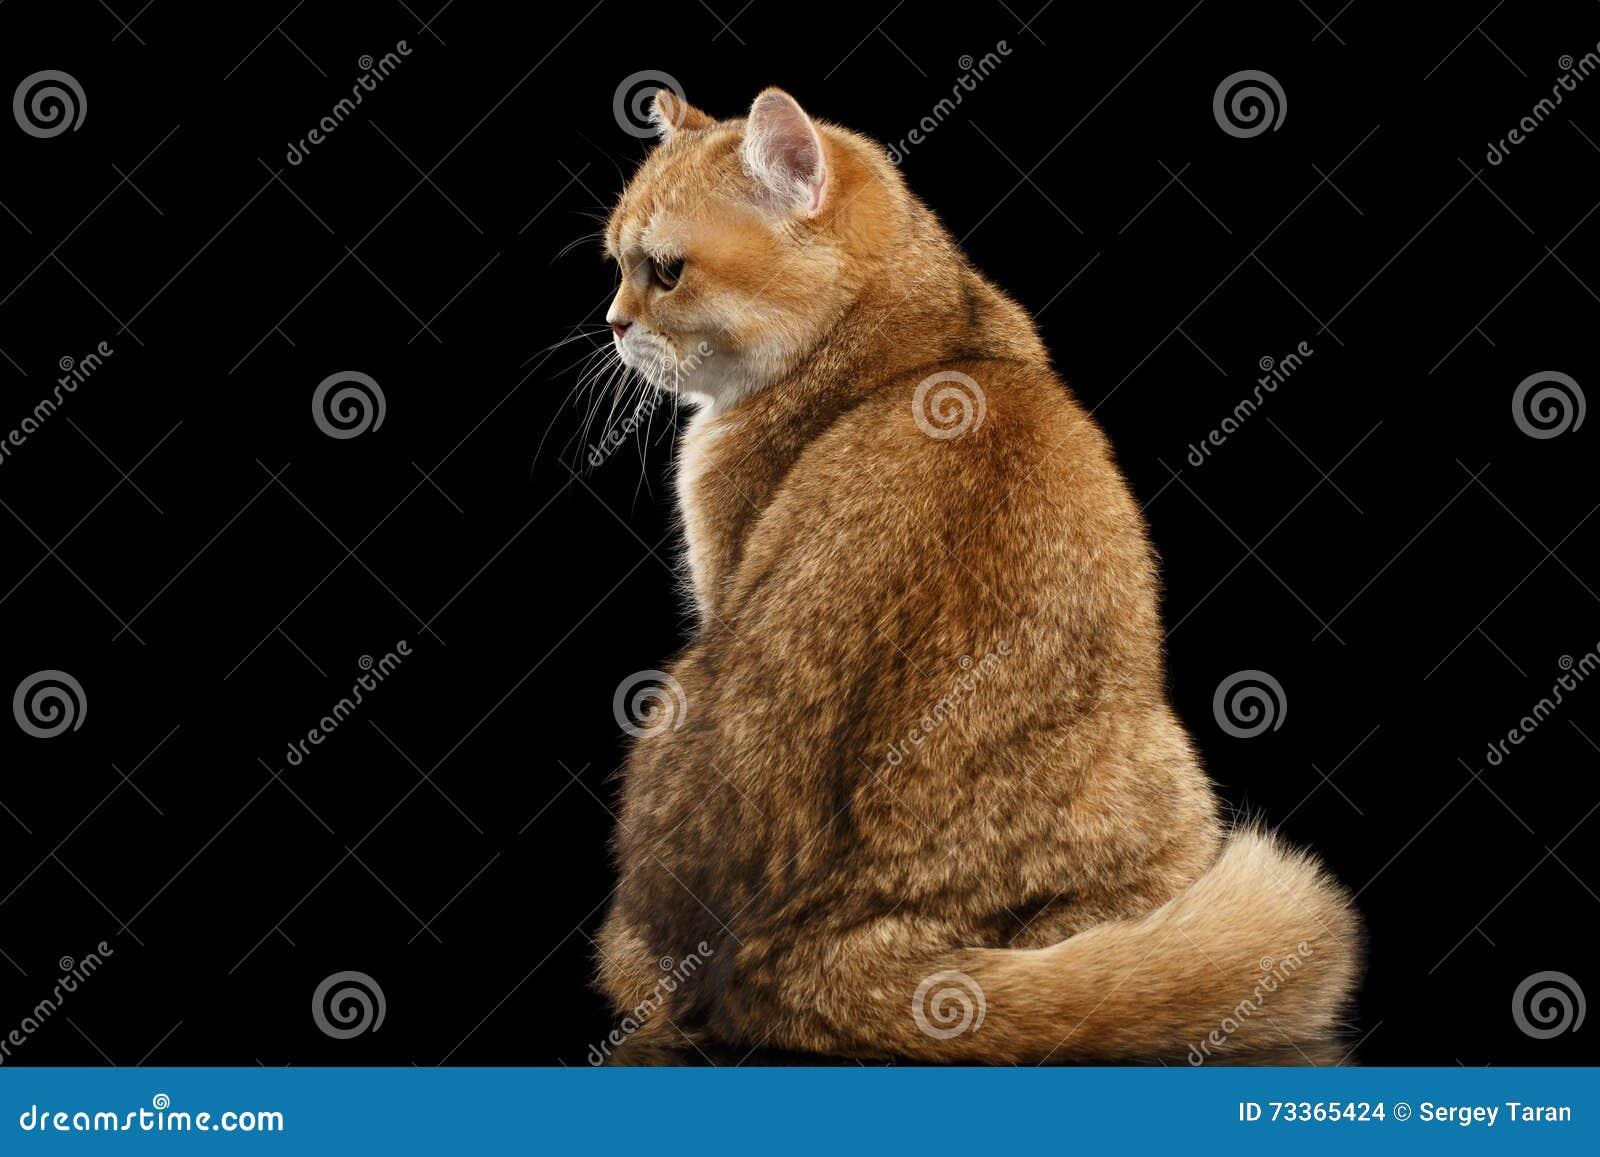 Vette Britse Cat Gold Chinchilla Sitting Back, Knorrige Zwarte